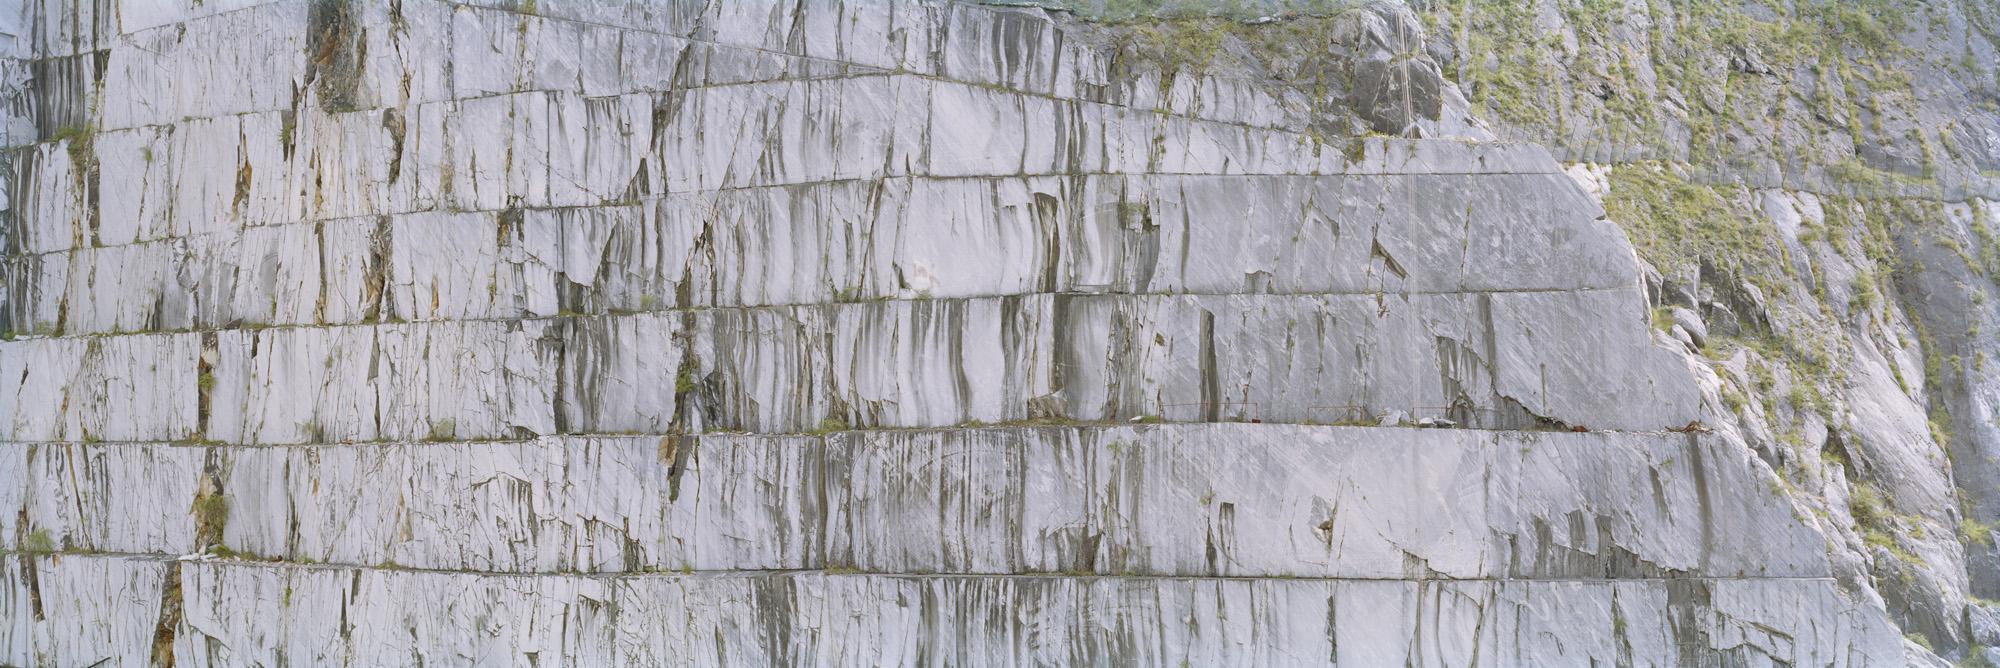 large format photography, Grossformatfotografie, Grossformatphotographie, Fotografie, Photographie, photography, 6x17, Tagebau, Marmor, Stein, Gestein, Weiß, marmoriert, Italien, Alpi Apuane, Carrara, Massa